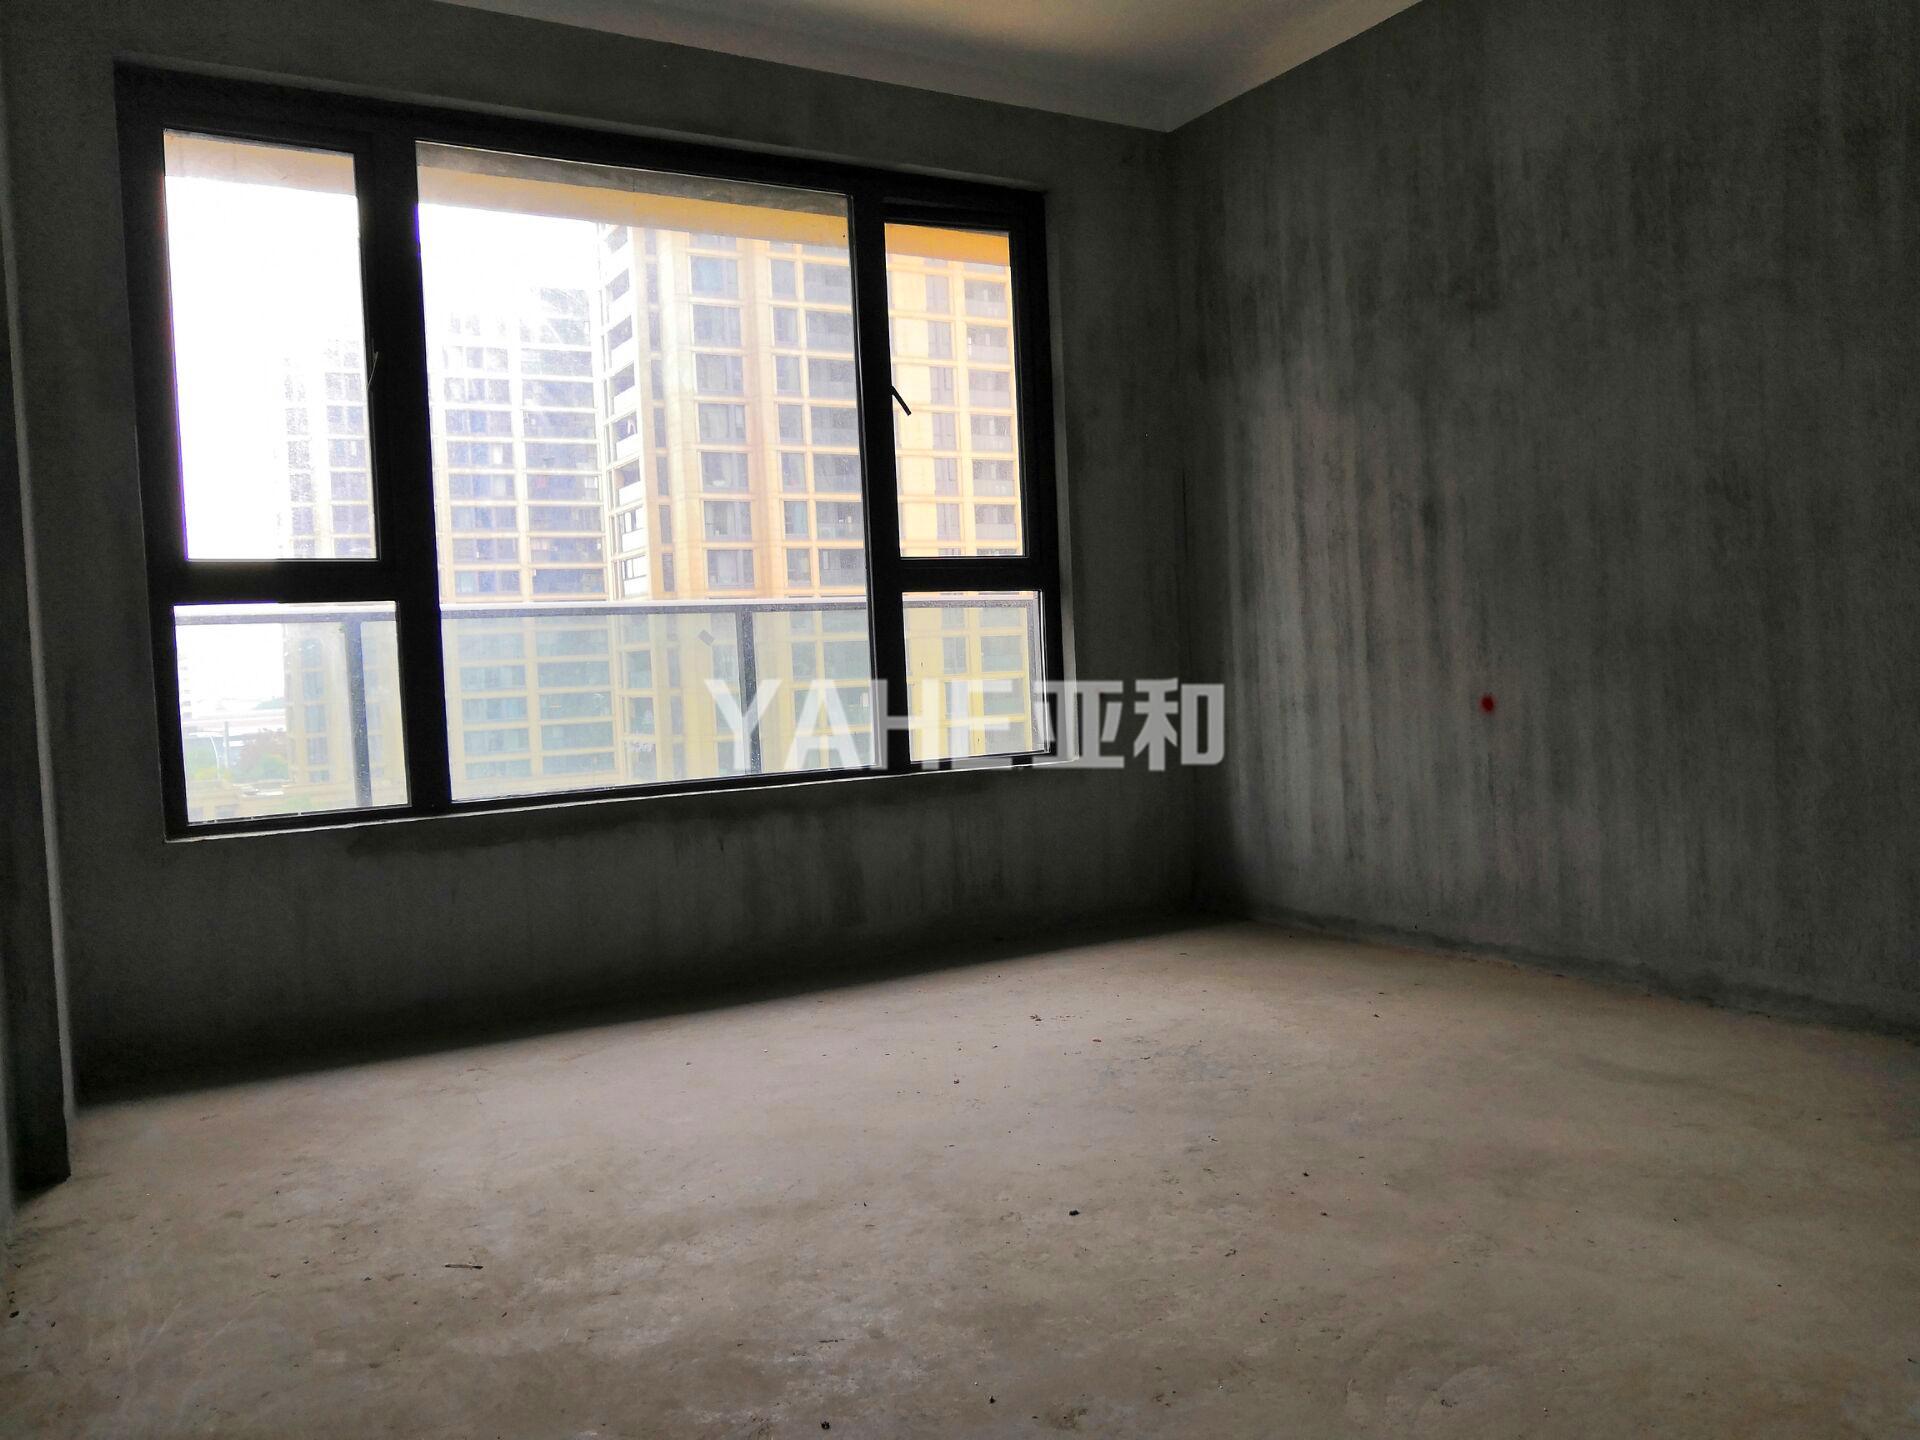 香溪裕园 三室两厅 百变毛坯 带车位 中高楼层